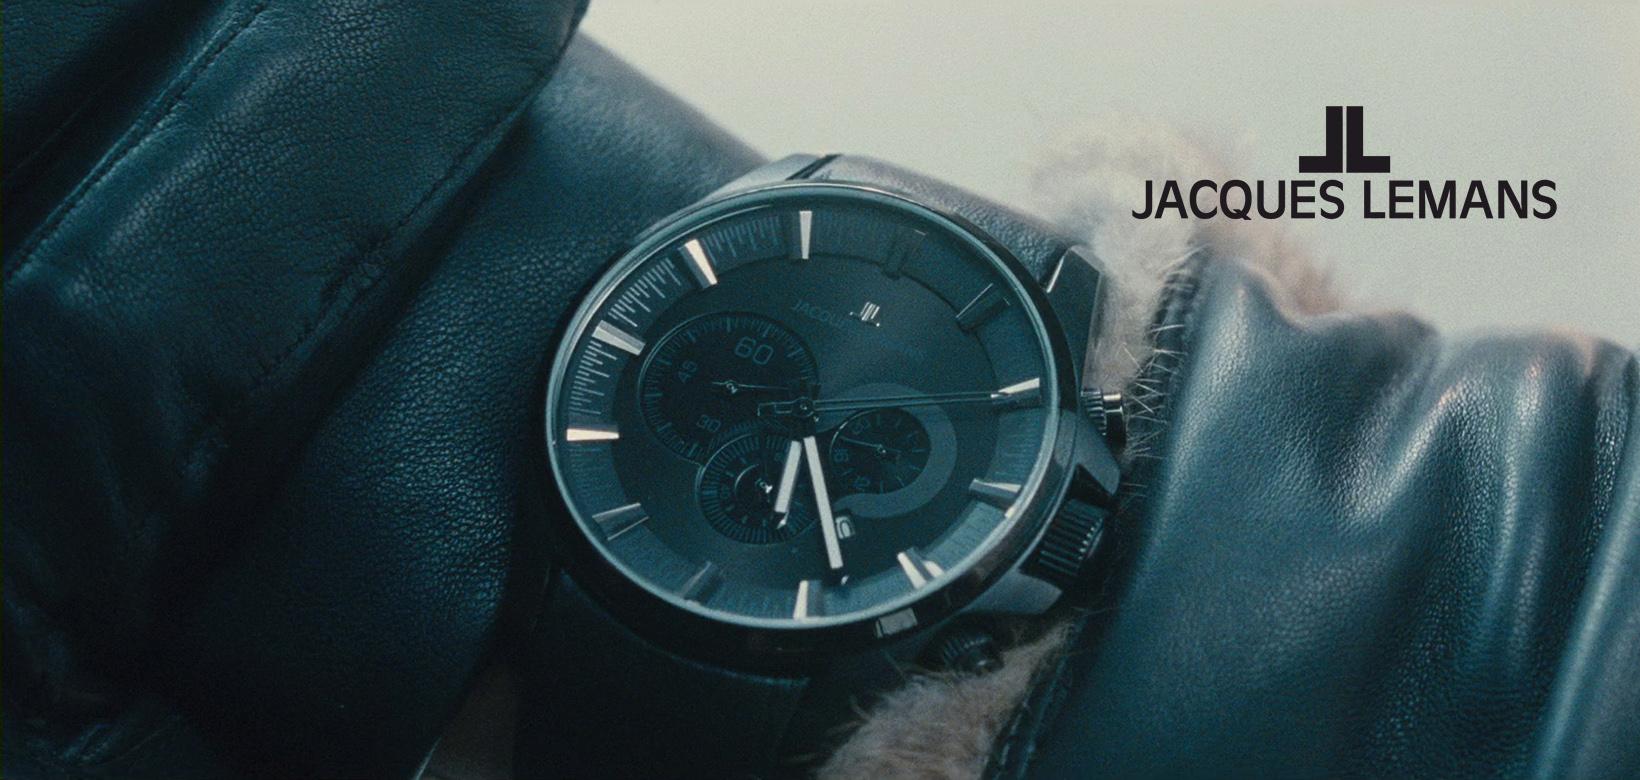 Jacques Lemans Uhren bei Juwelier Istanbul in Mönchengladbach kaufen